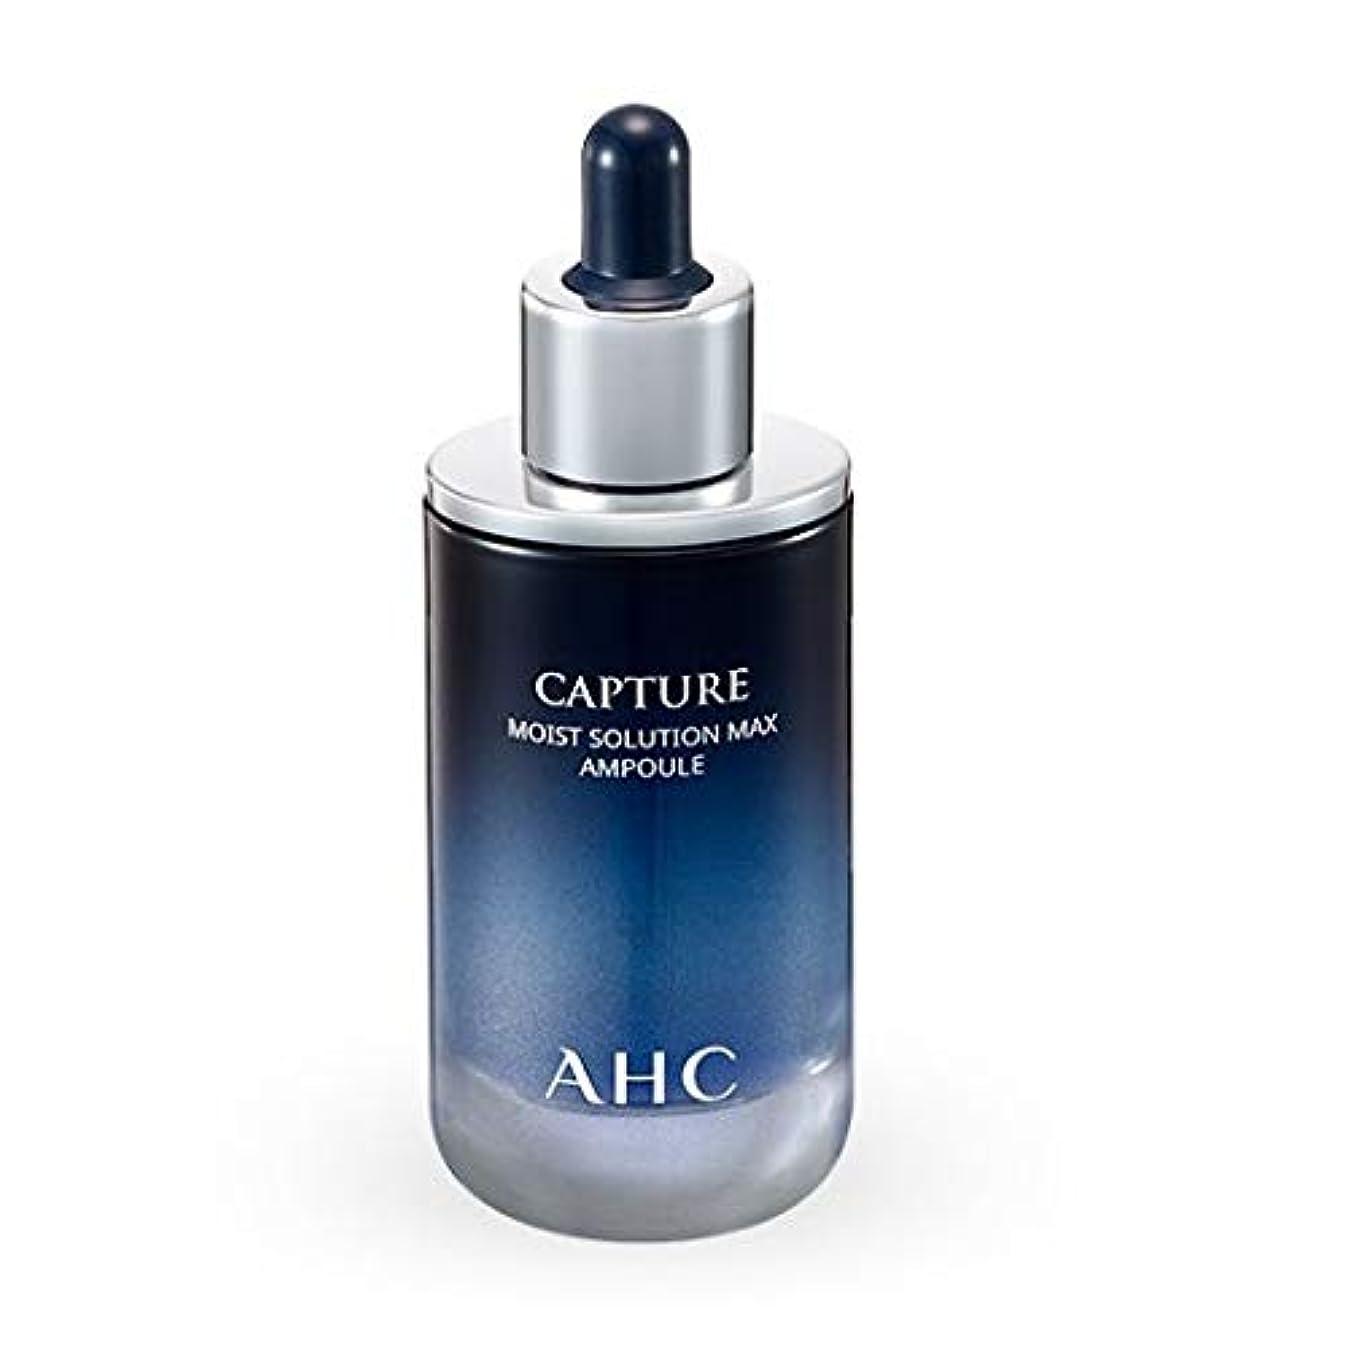 中に議題確率AHC Capture Moist Solution Max Ampoule/キャプチャー モイスト ソリューション マックス アンプル 50ml [並行輸入品]